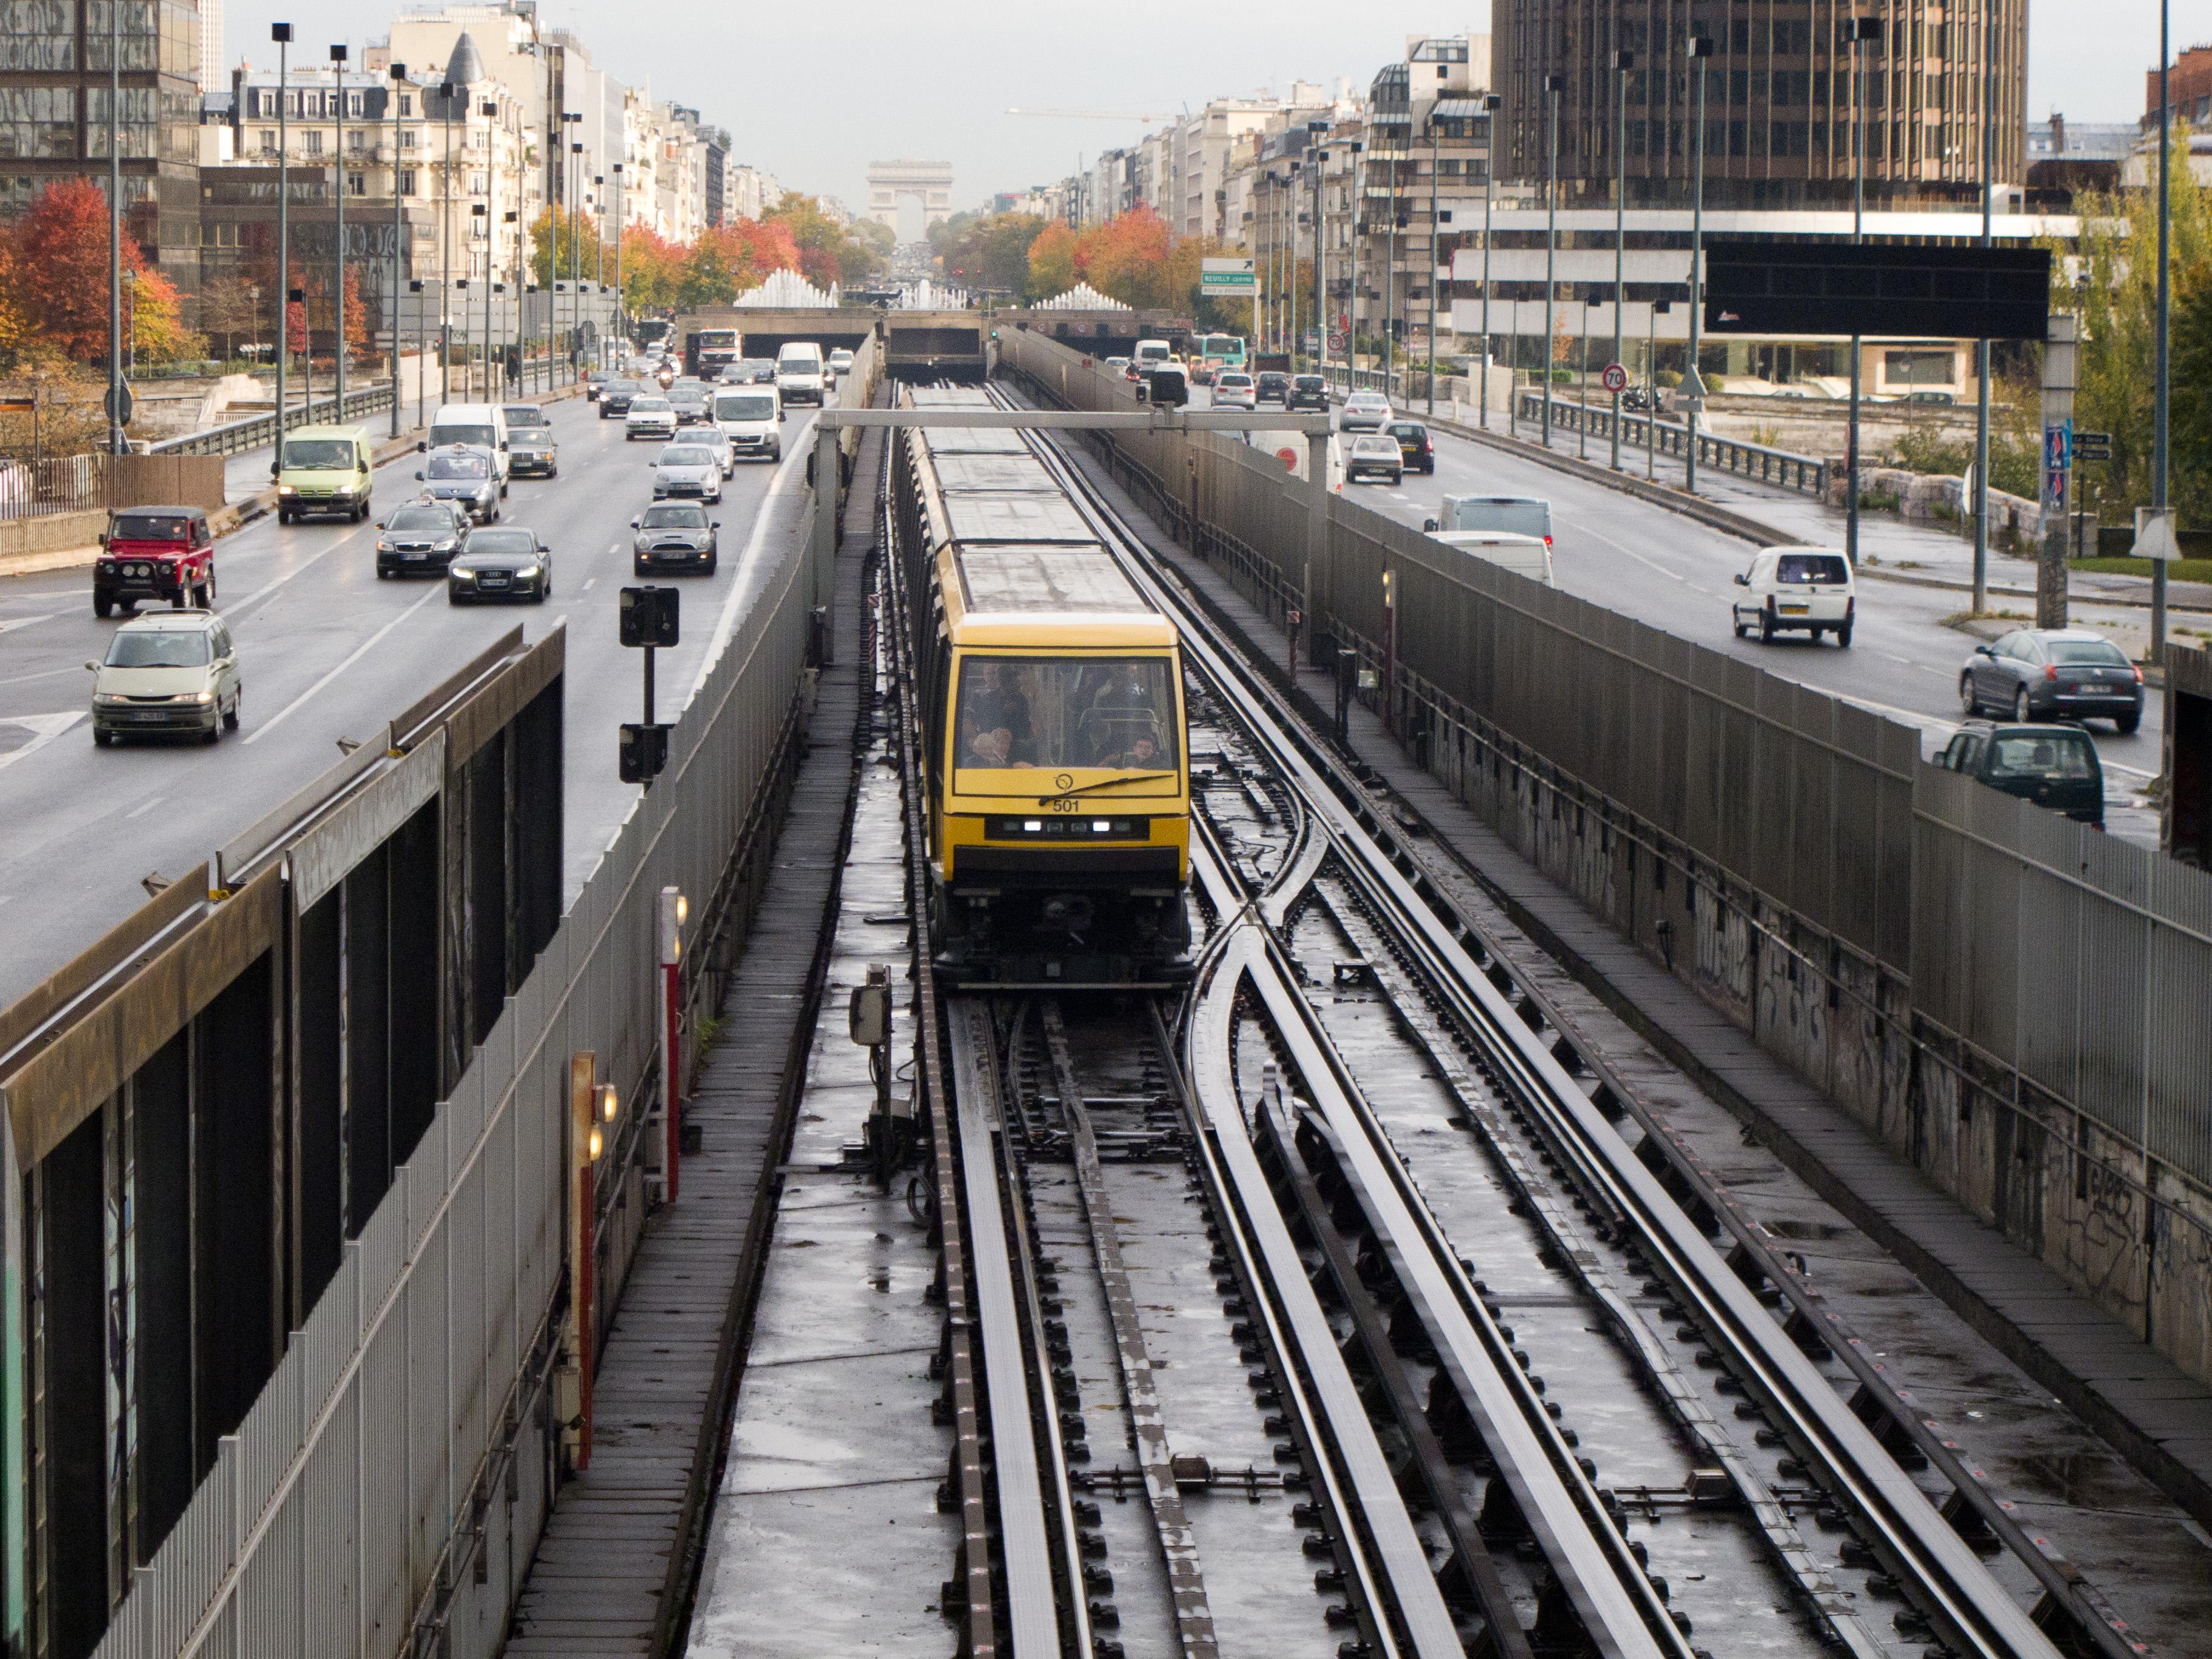 Ligne De Train A Ef Bf Bdroport Budapest Centre Ville